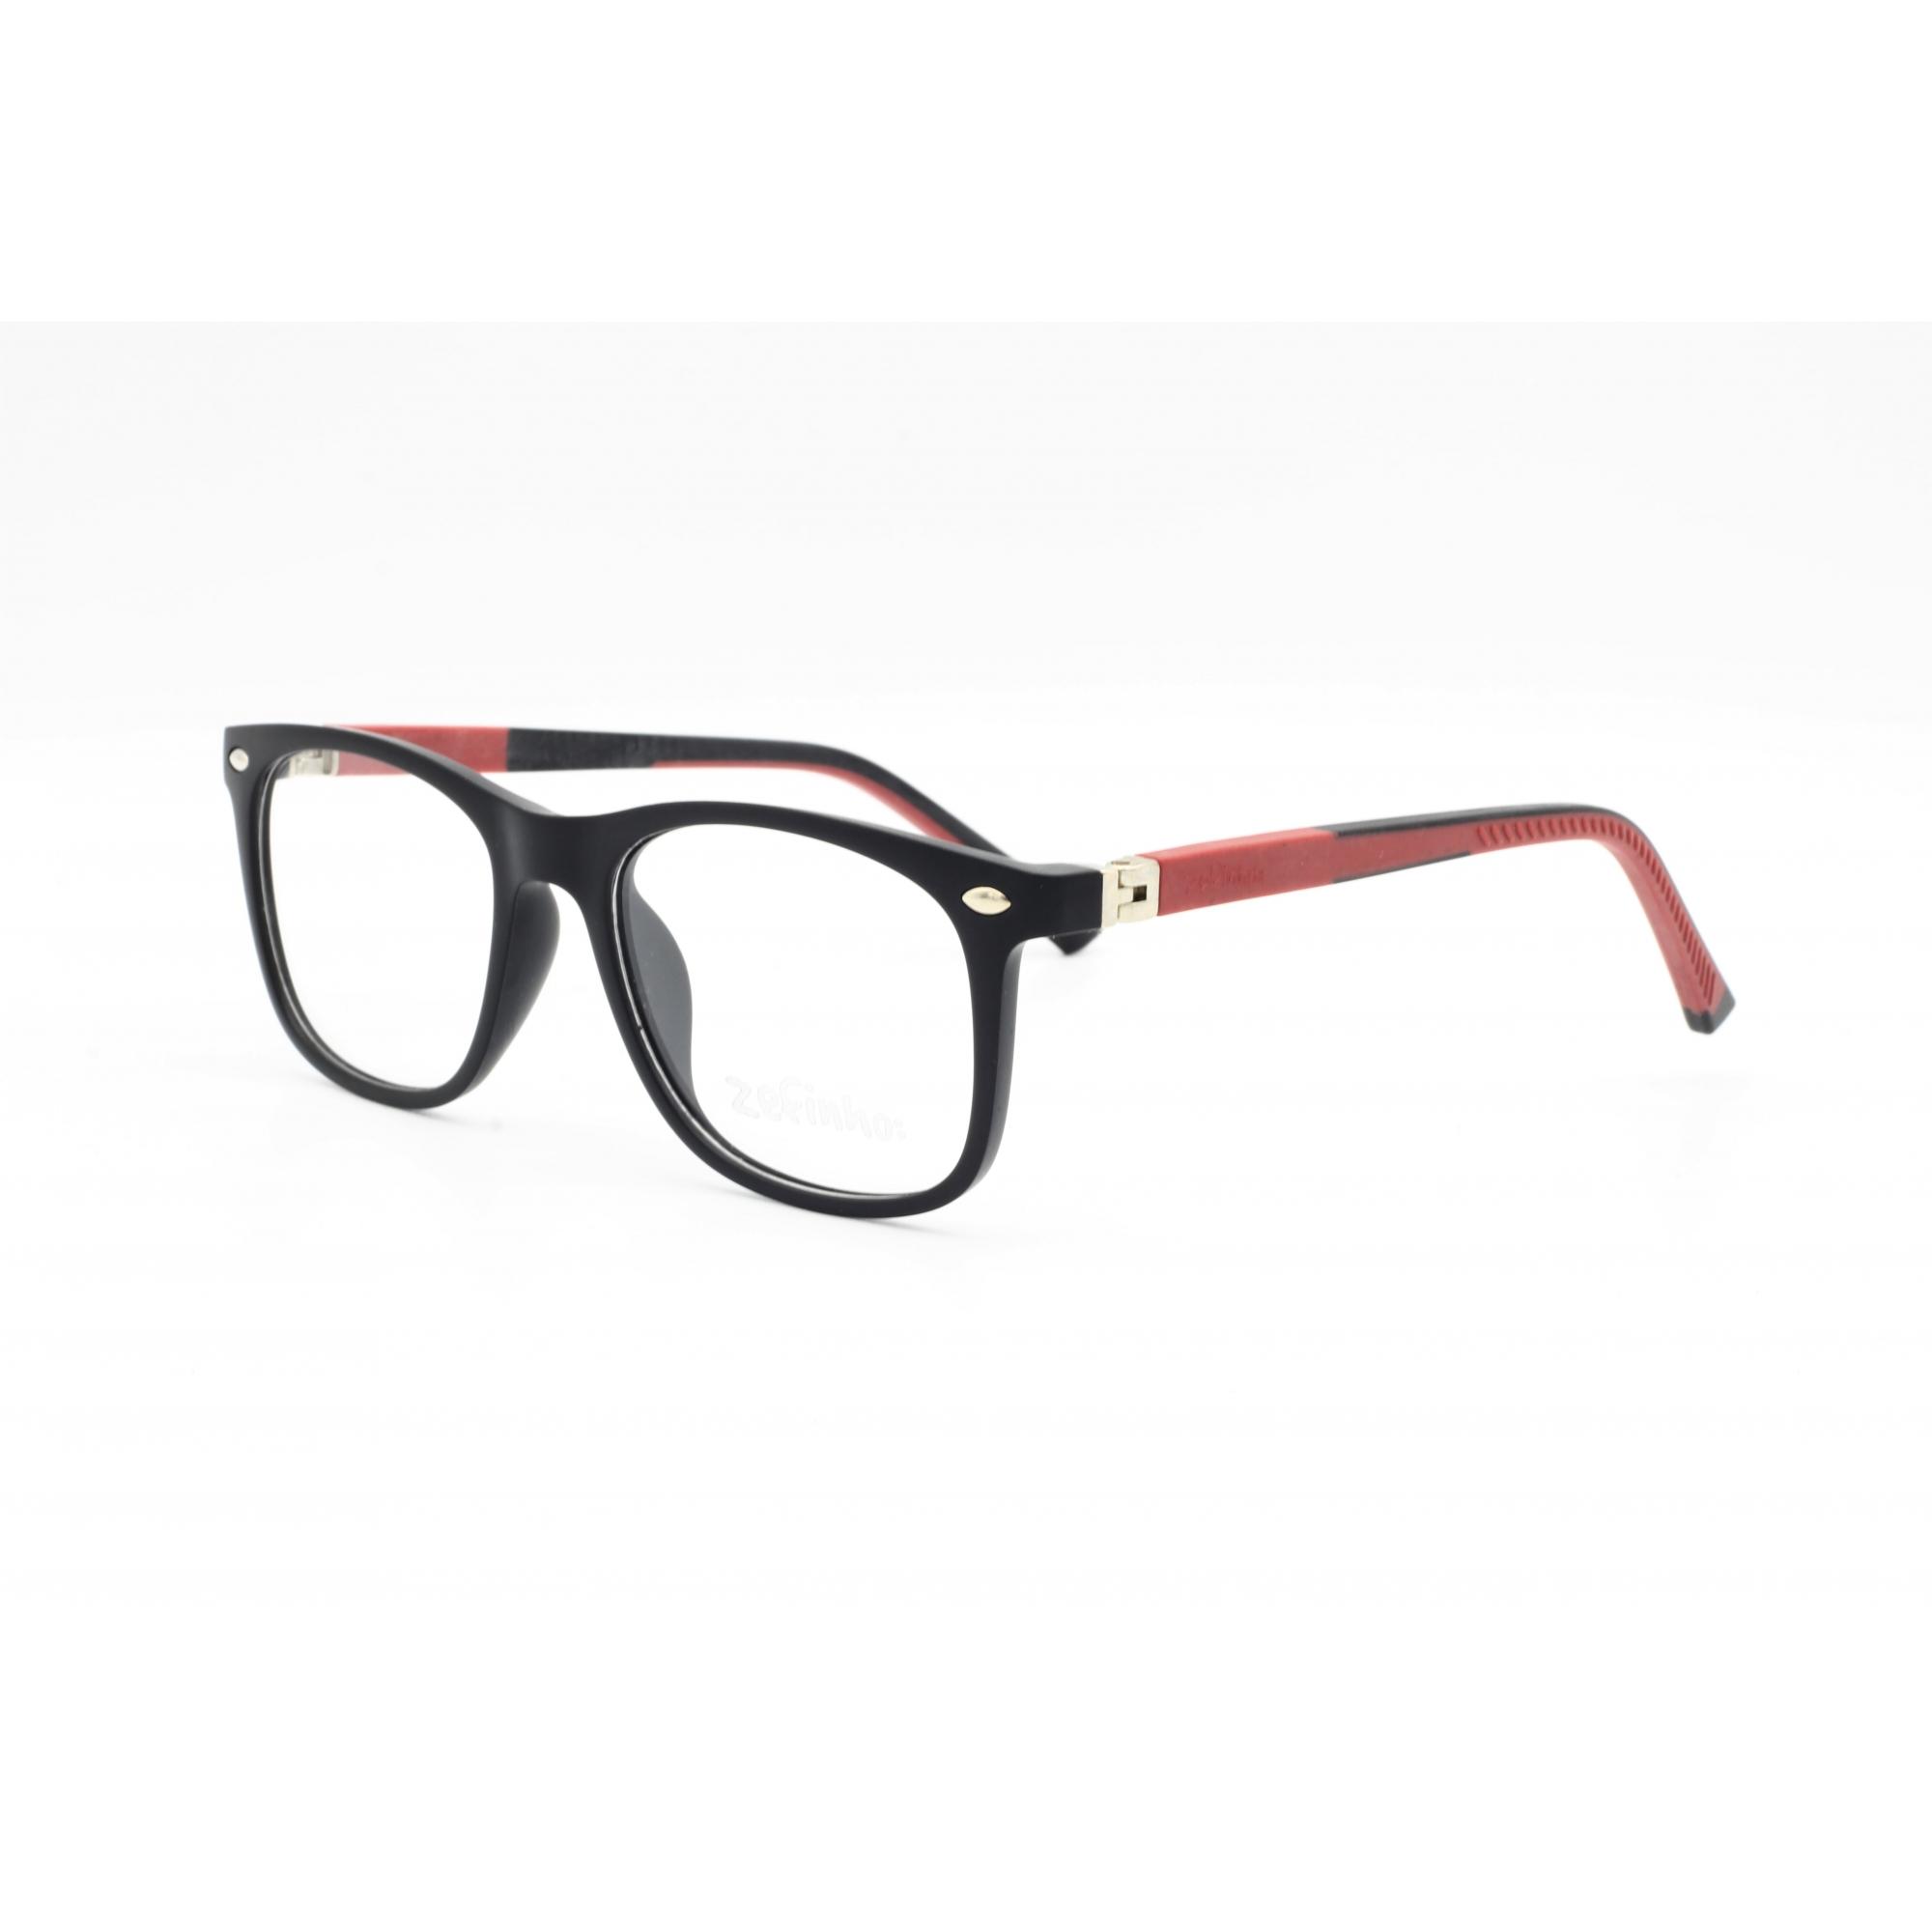 Armação Óculos sem Grau para Menino cor Preto e Marrom Ref. ZEFINHO 18148 C2 46